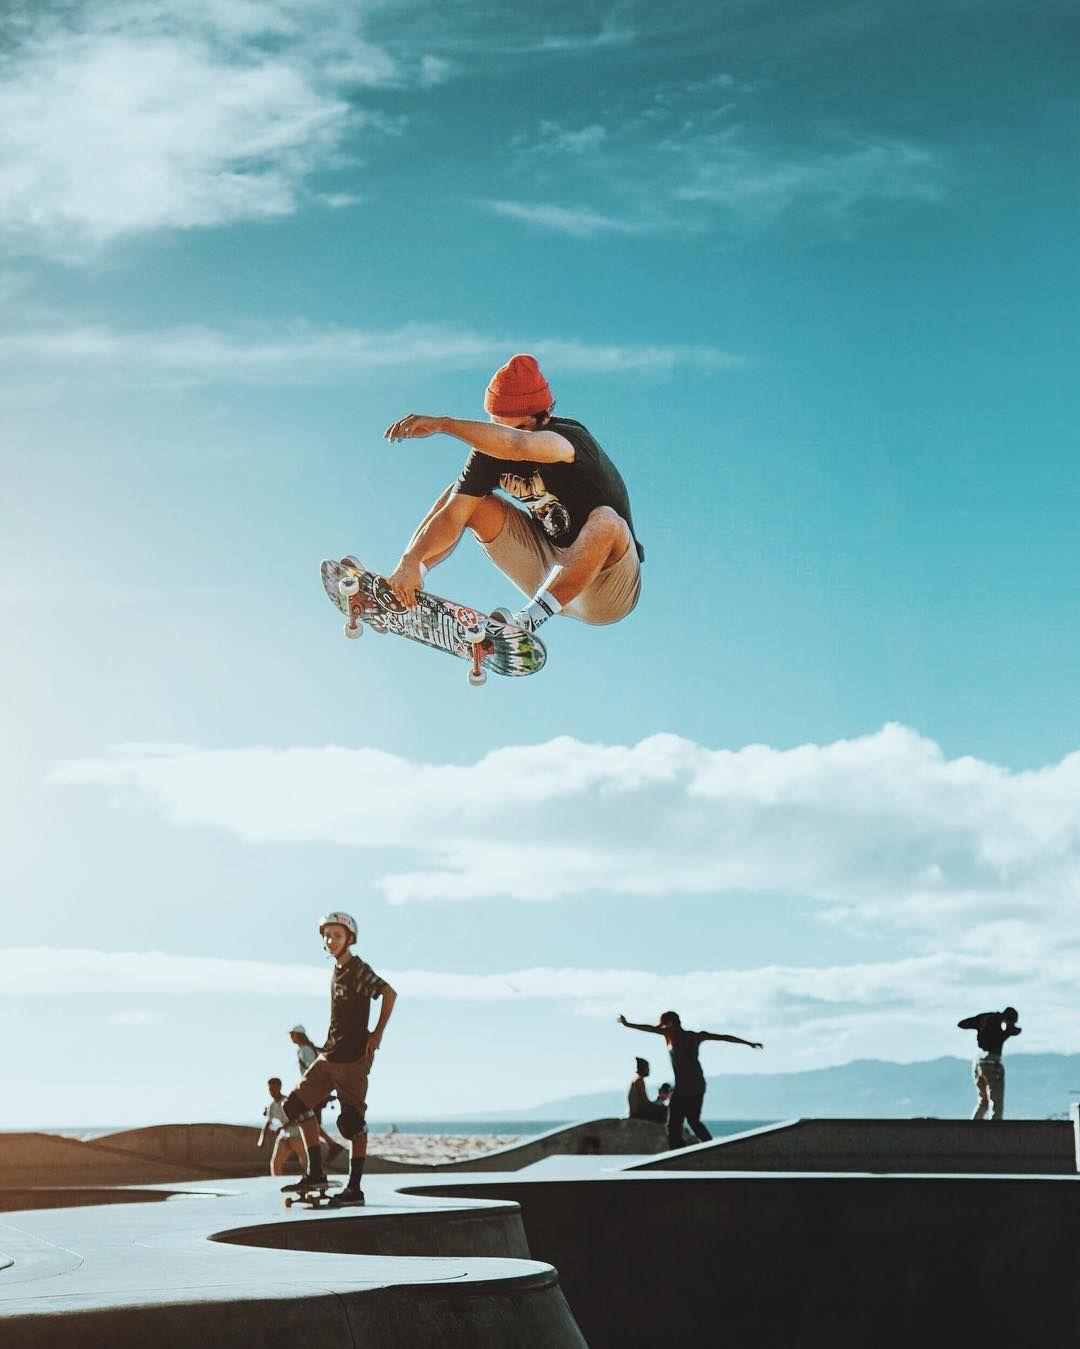 Pin On Skate Longboard Ing